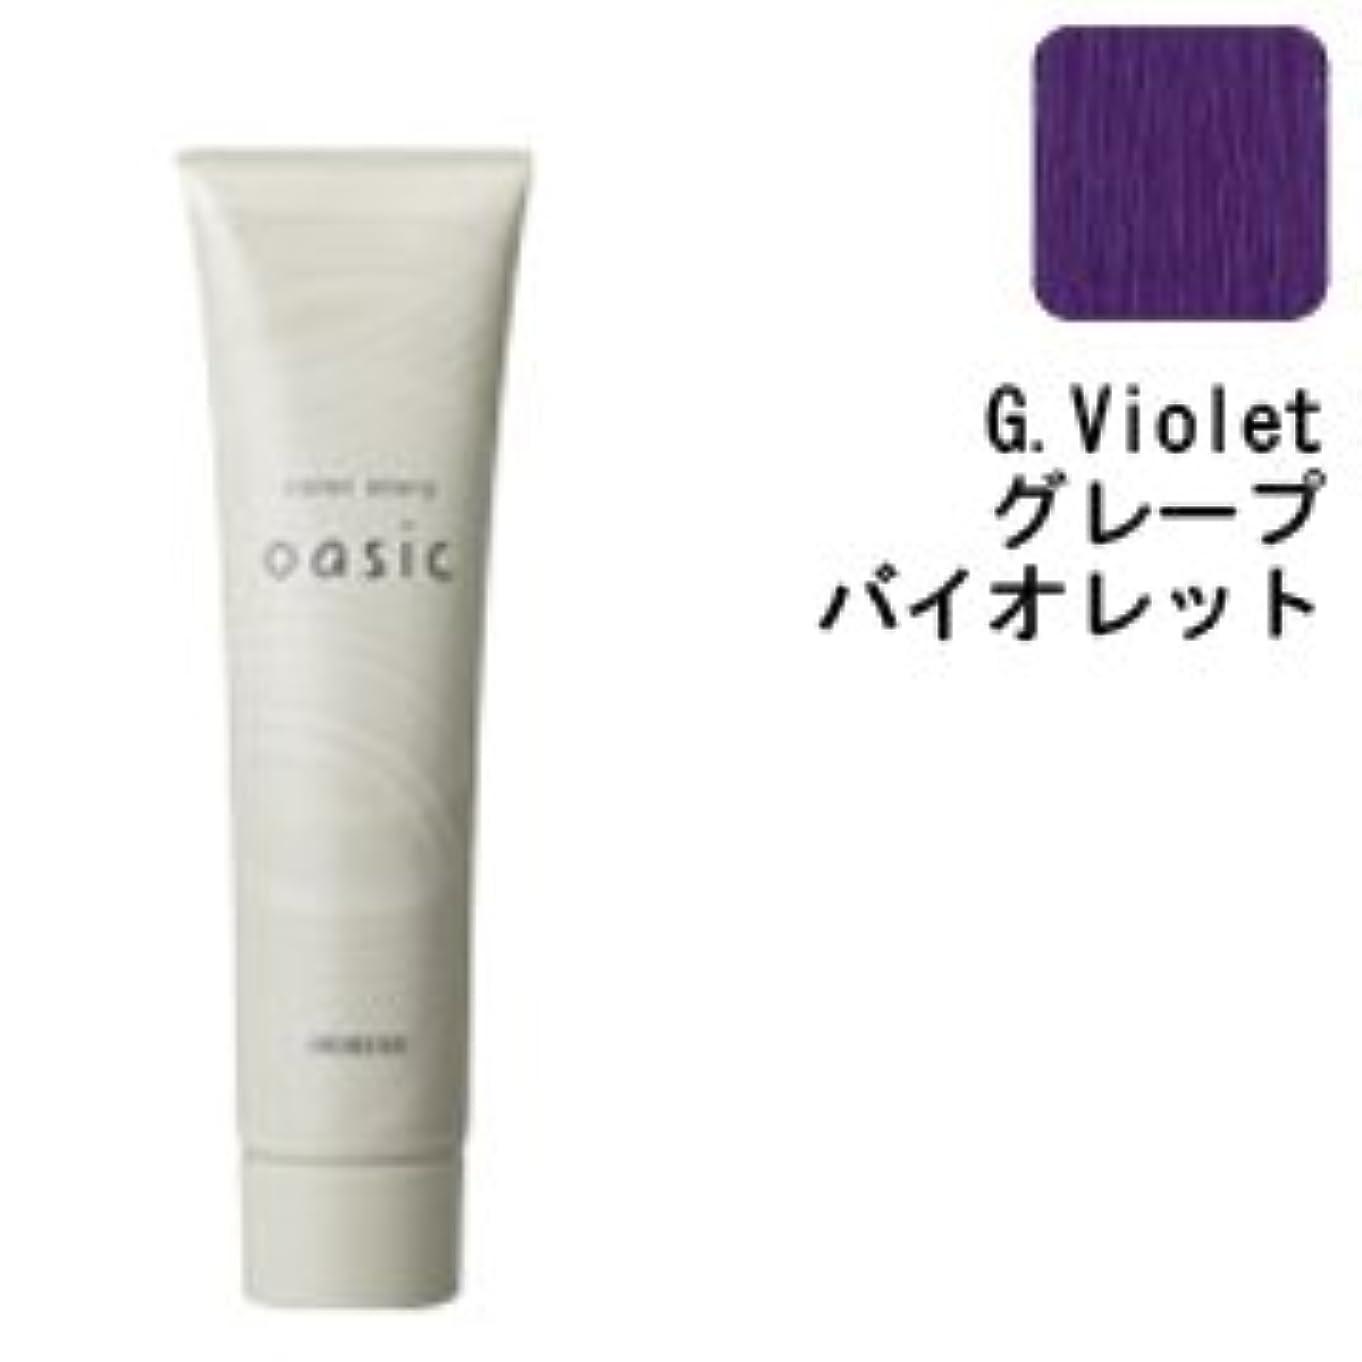 粒子回転させる同意する【アリミノ】カラーストーリー オアシック G.Violet (グレープバイオレット) 150g